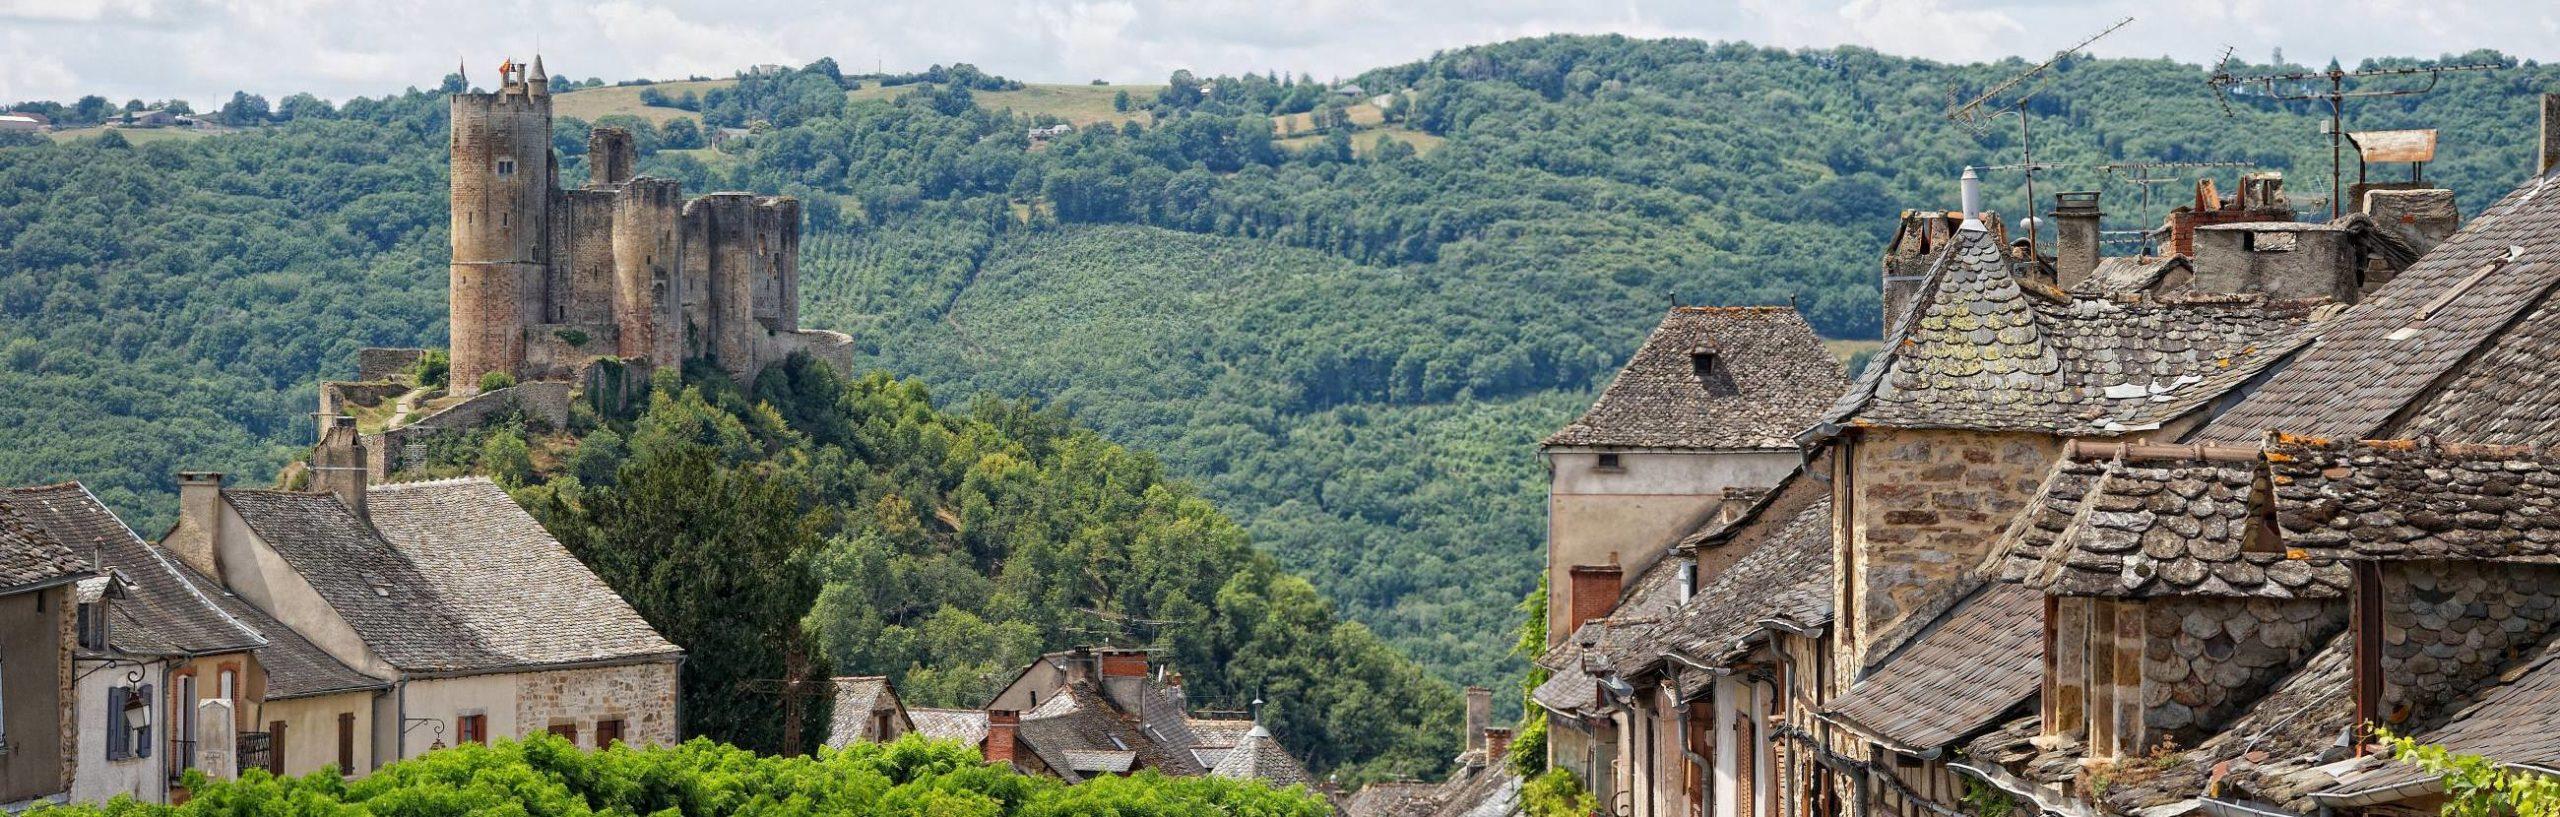 NAJAC un des plus beaux villages d'Aveyron